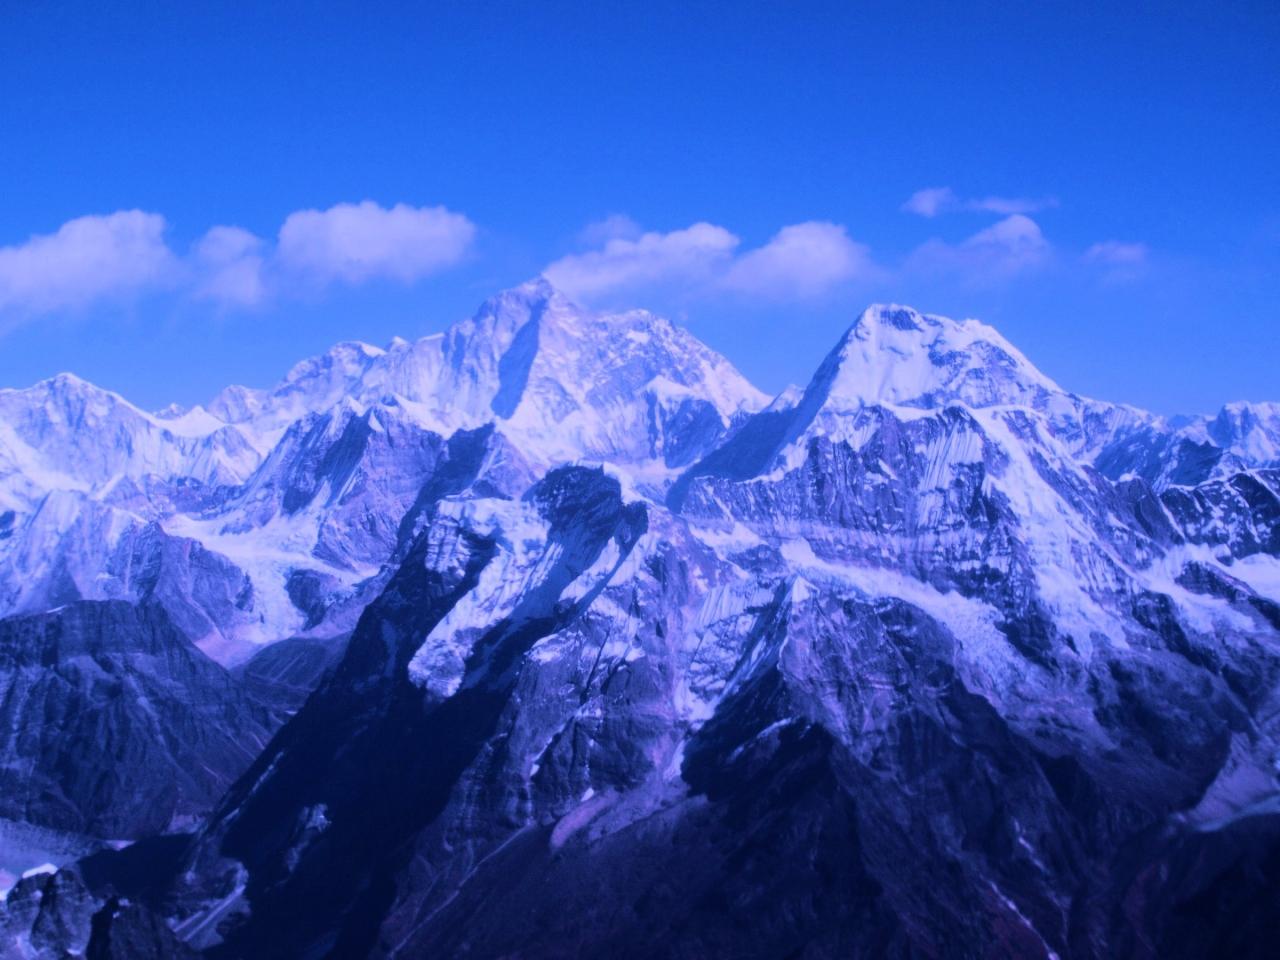 ネパール一人旅?*・゜・*エベレストまでひ...